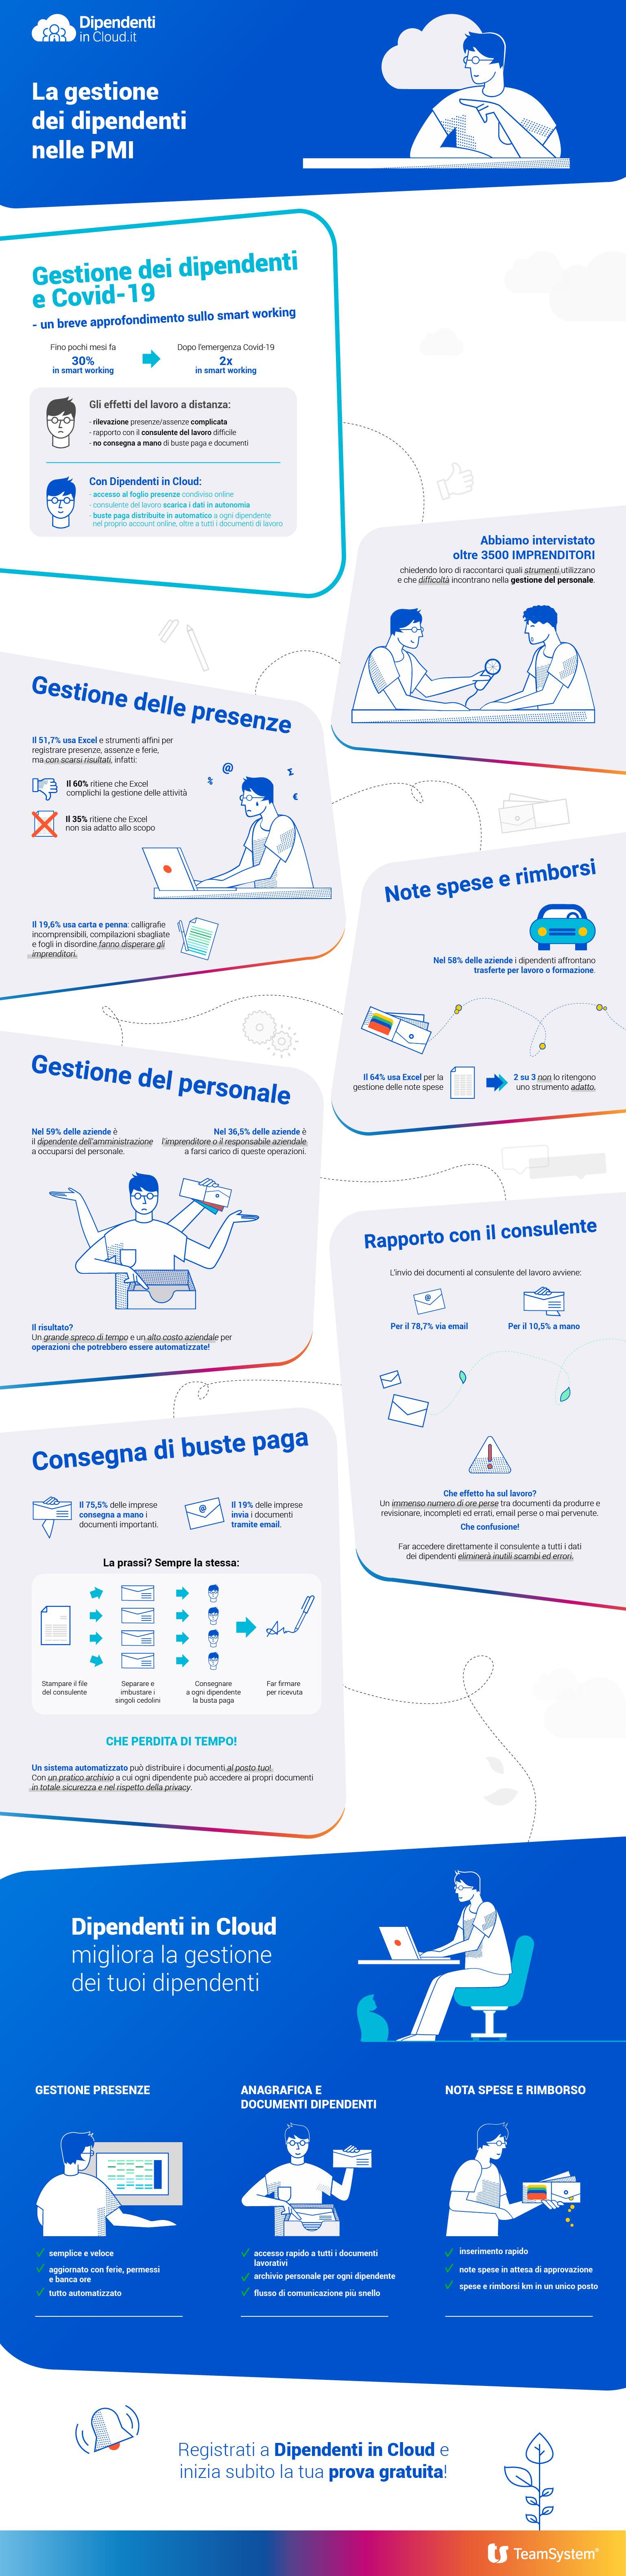 Infografica: Problemi e inefficienza nella gestione dei dipendenti